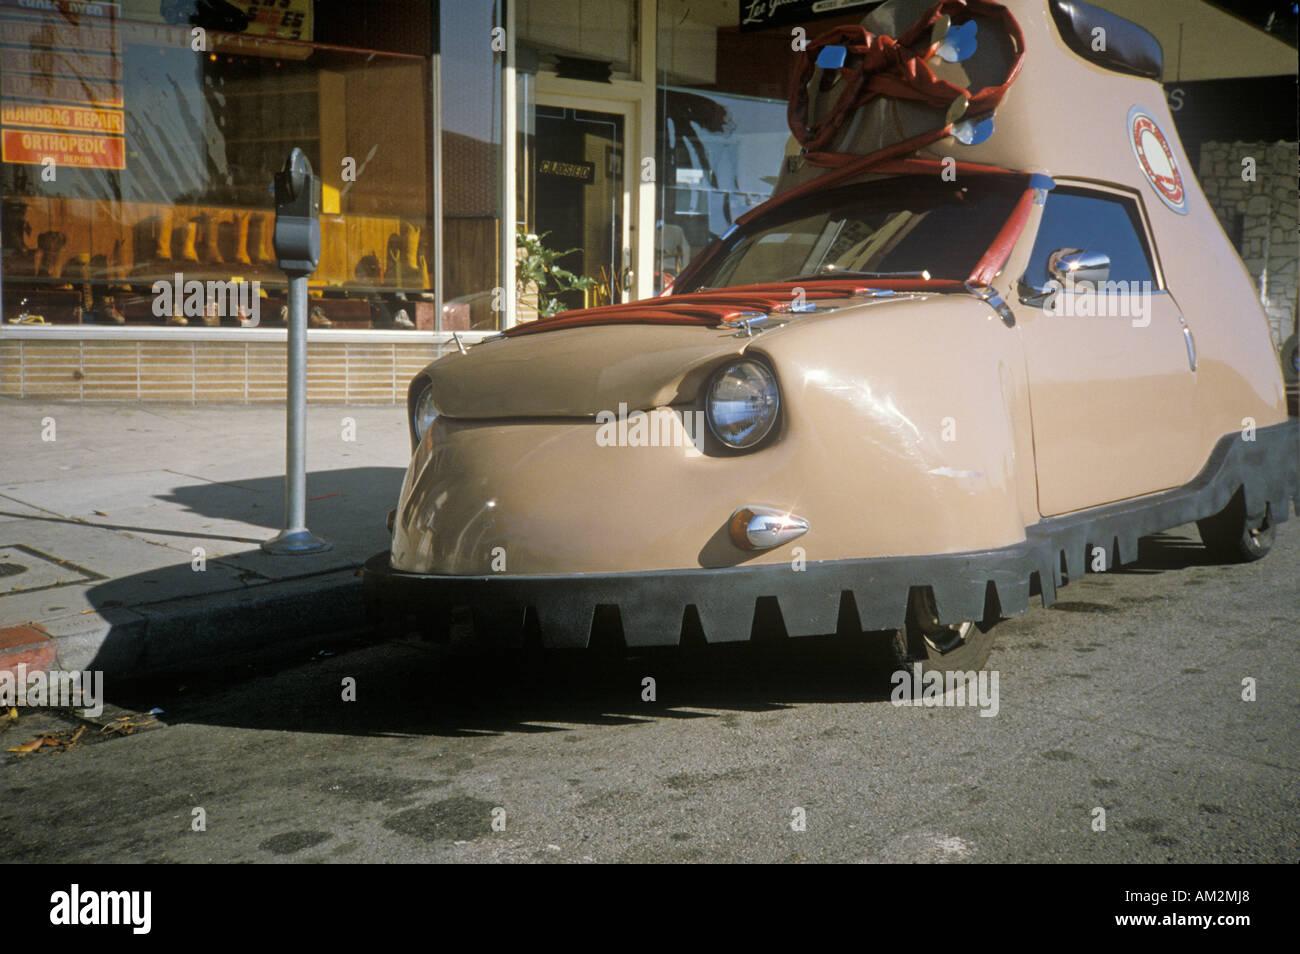 A Honda Shoe Car In Los Angeles CA